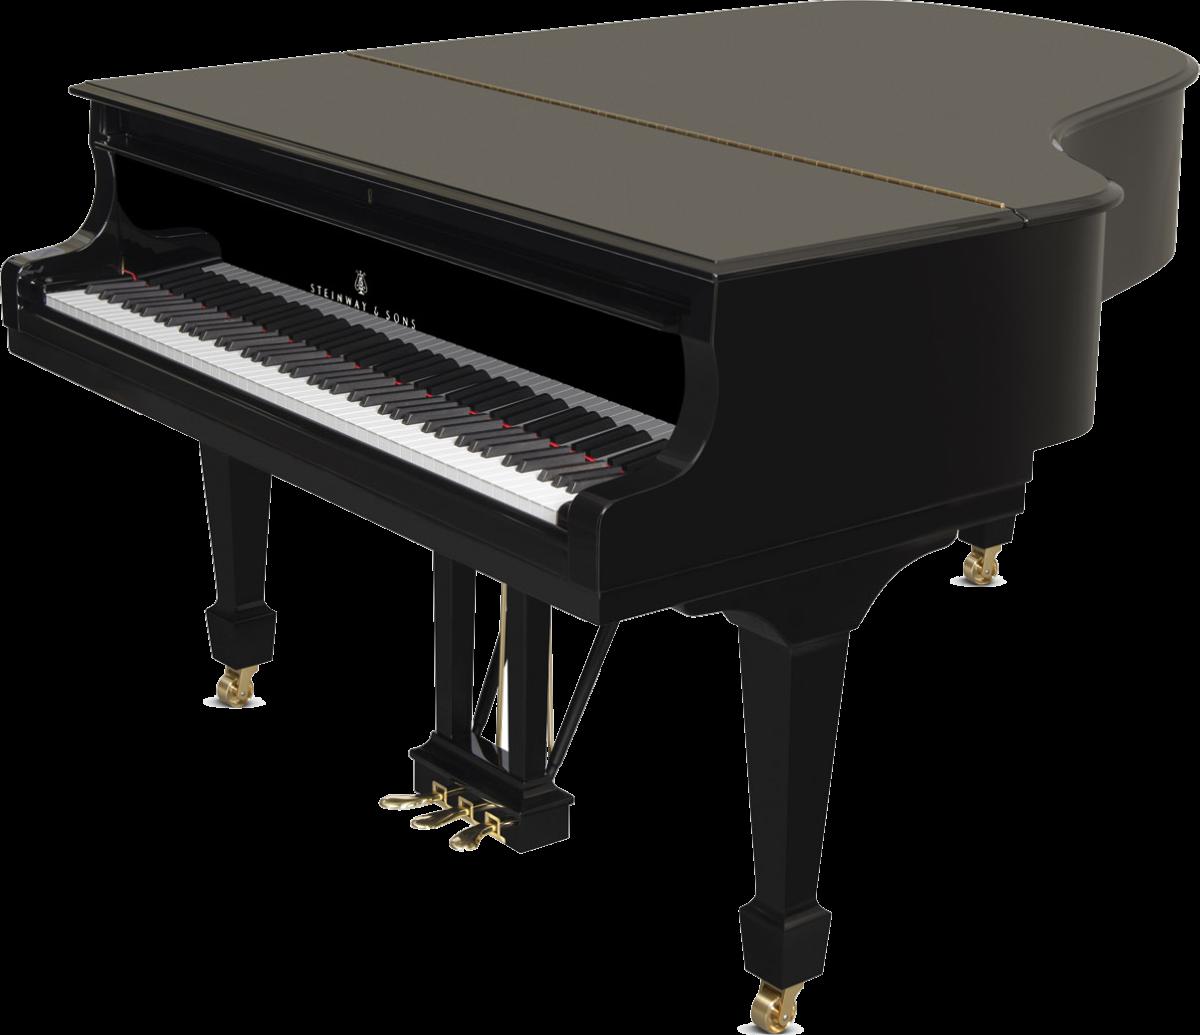 piano-cola-steinway-sons-a188-artesanal-nuevo-negro-picado